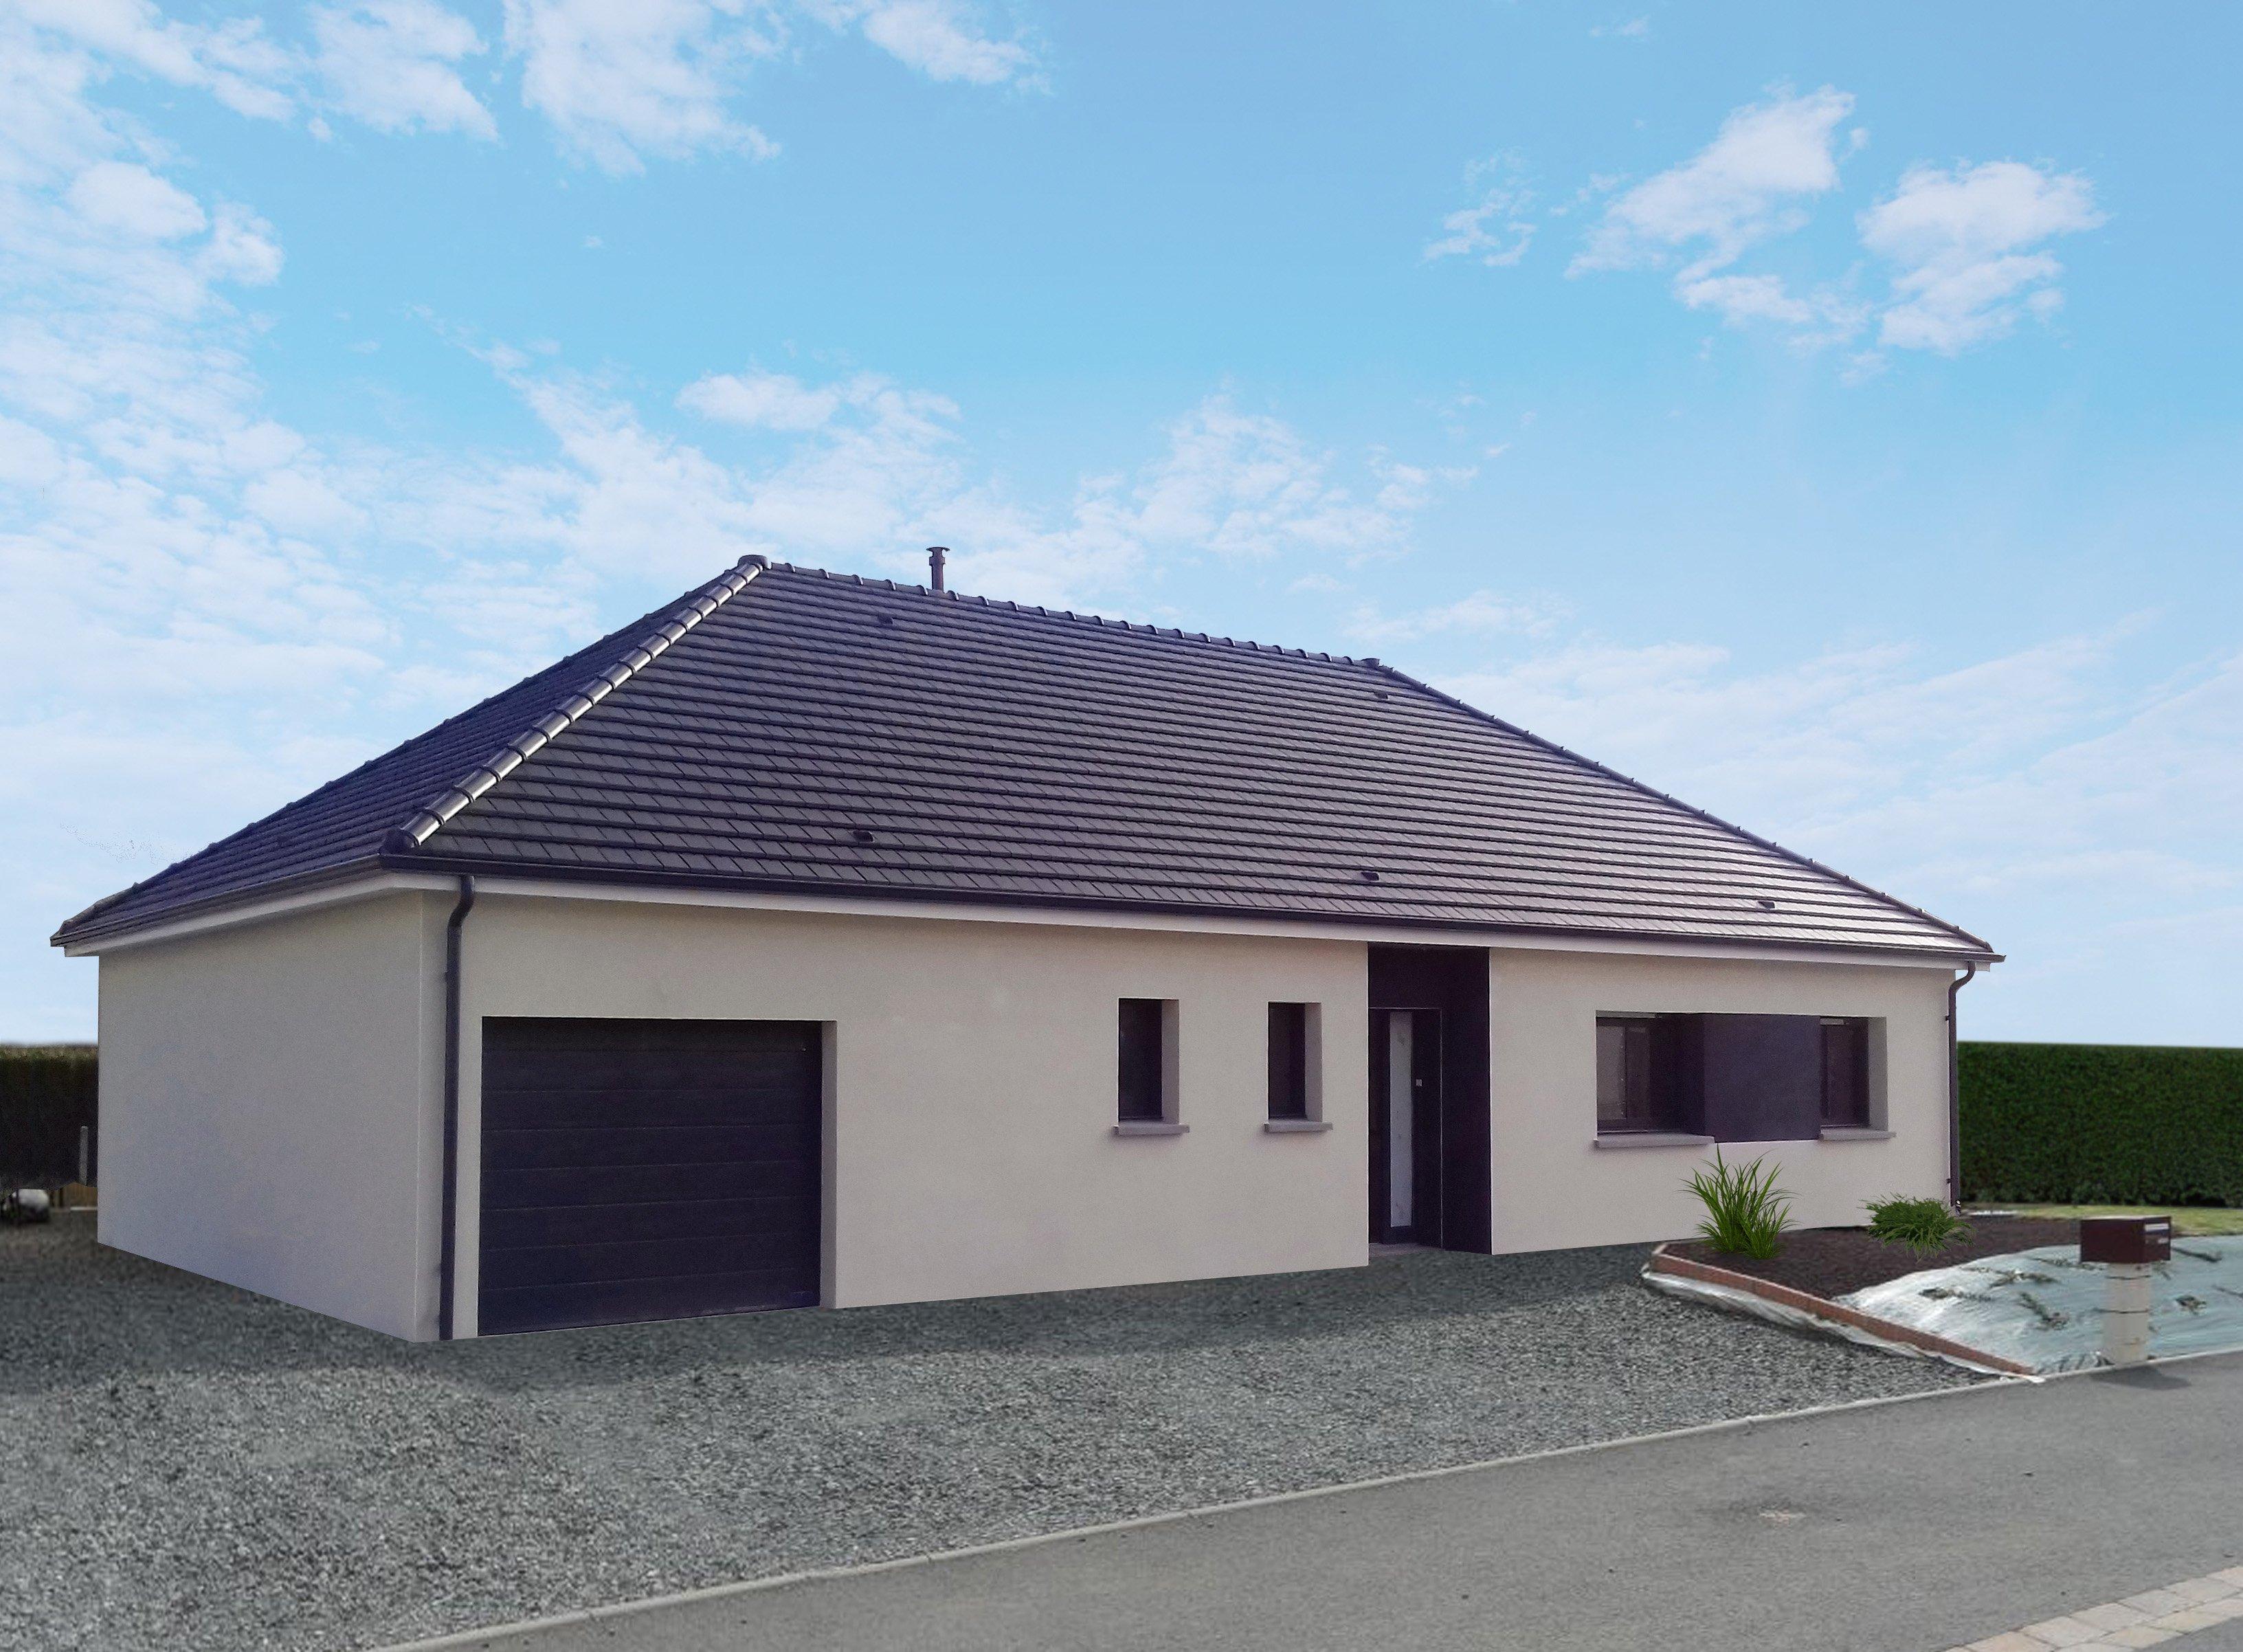 Maisons + Terrains du constructeur MAISON FAMILIALE • 108 m² • COURCELLES SUR SEINE